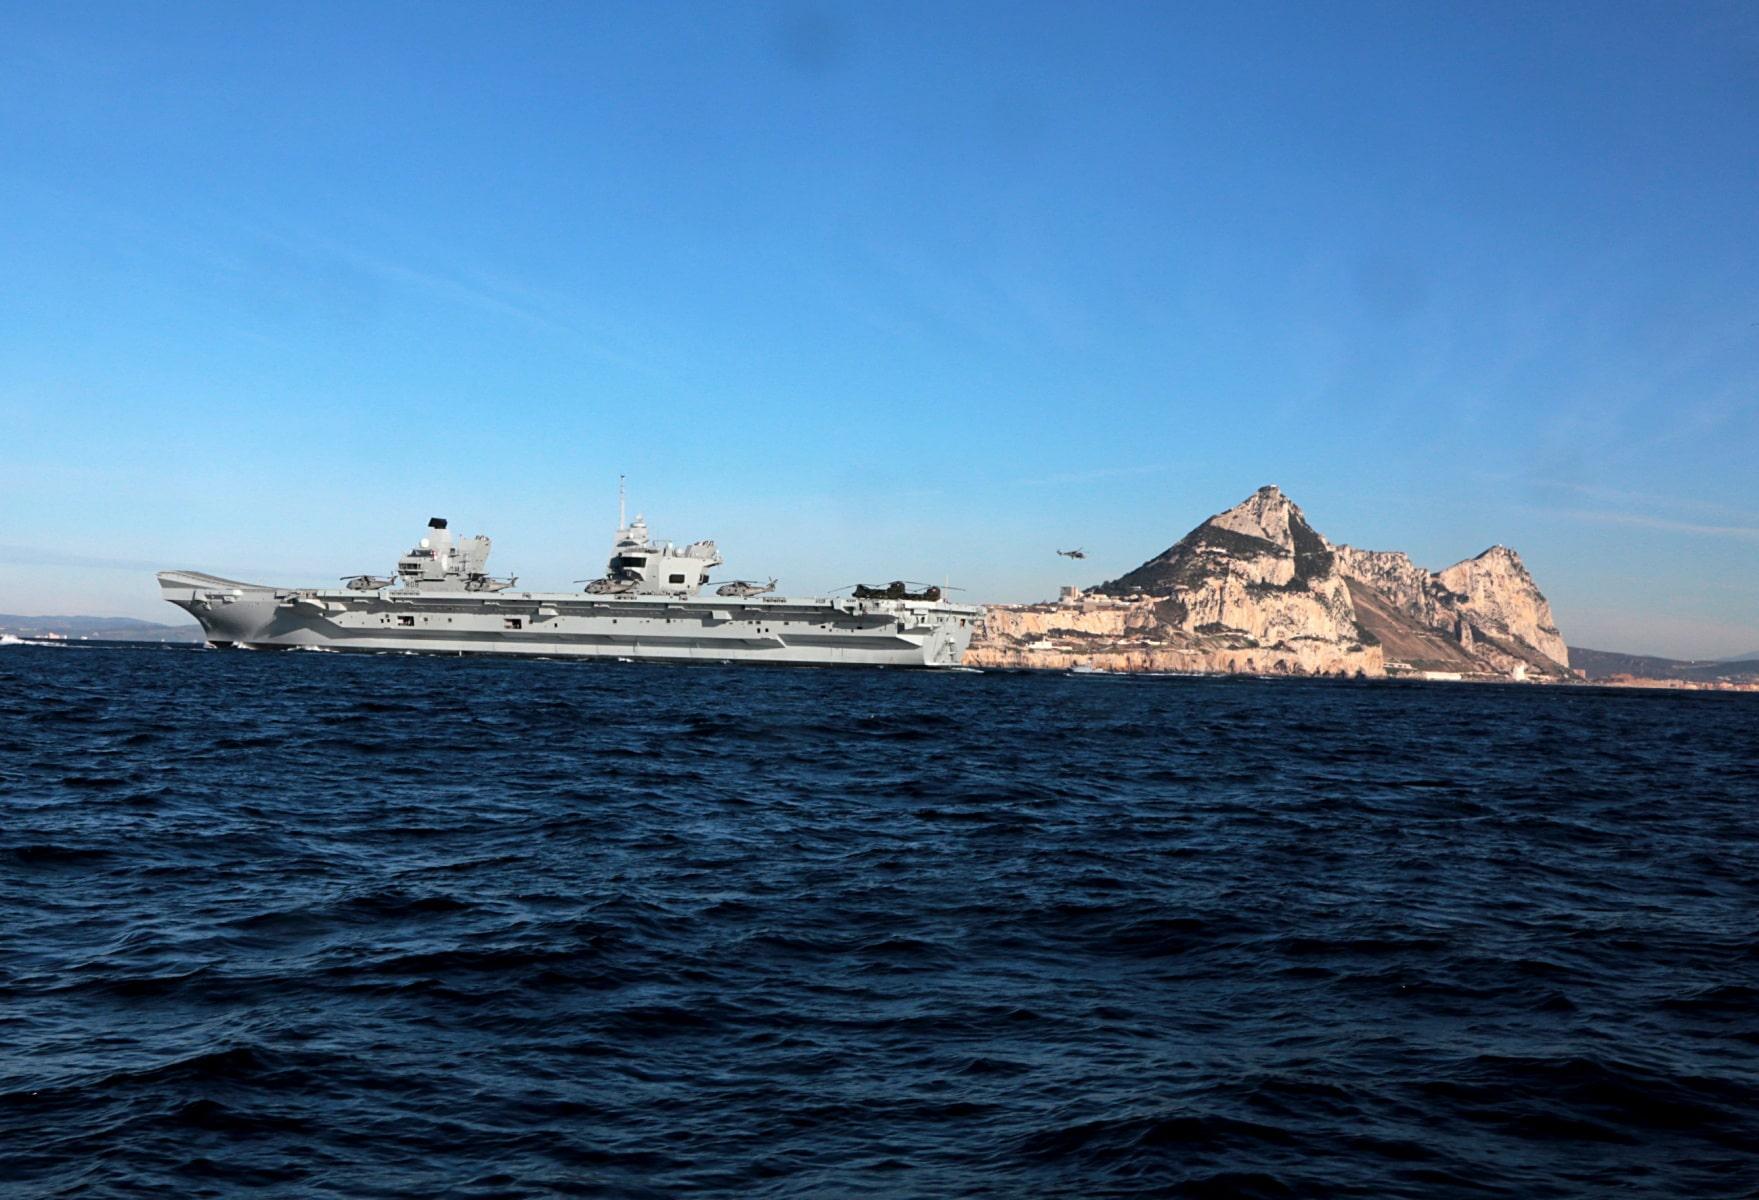 portaaviones-hms-queen-elizabeth-llegando-a-gibraltar-imagen-tomada-desde-uno-de-los-buques-de-apoyo-via-royal-navy-19_26293511548_o